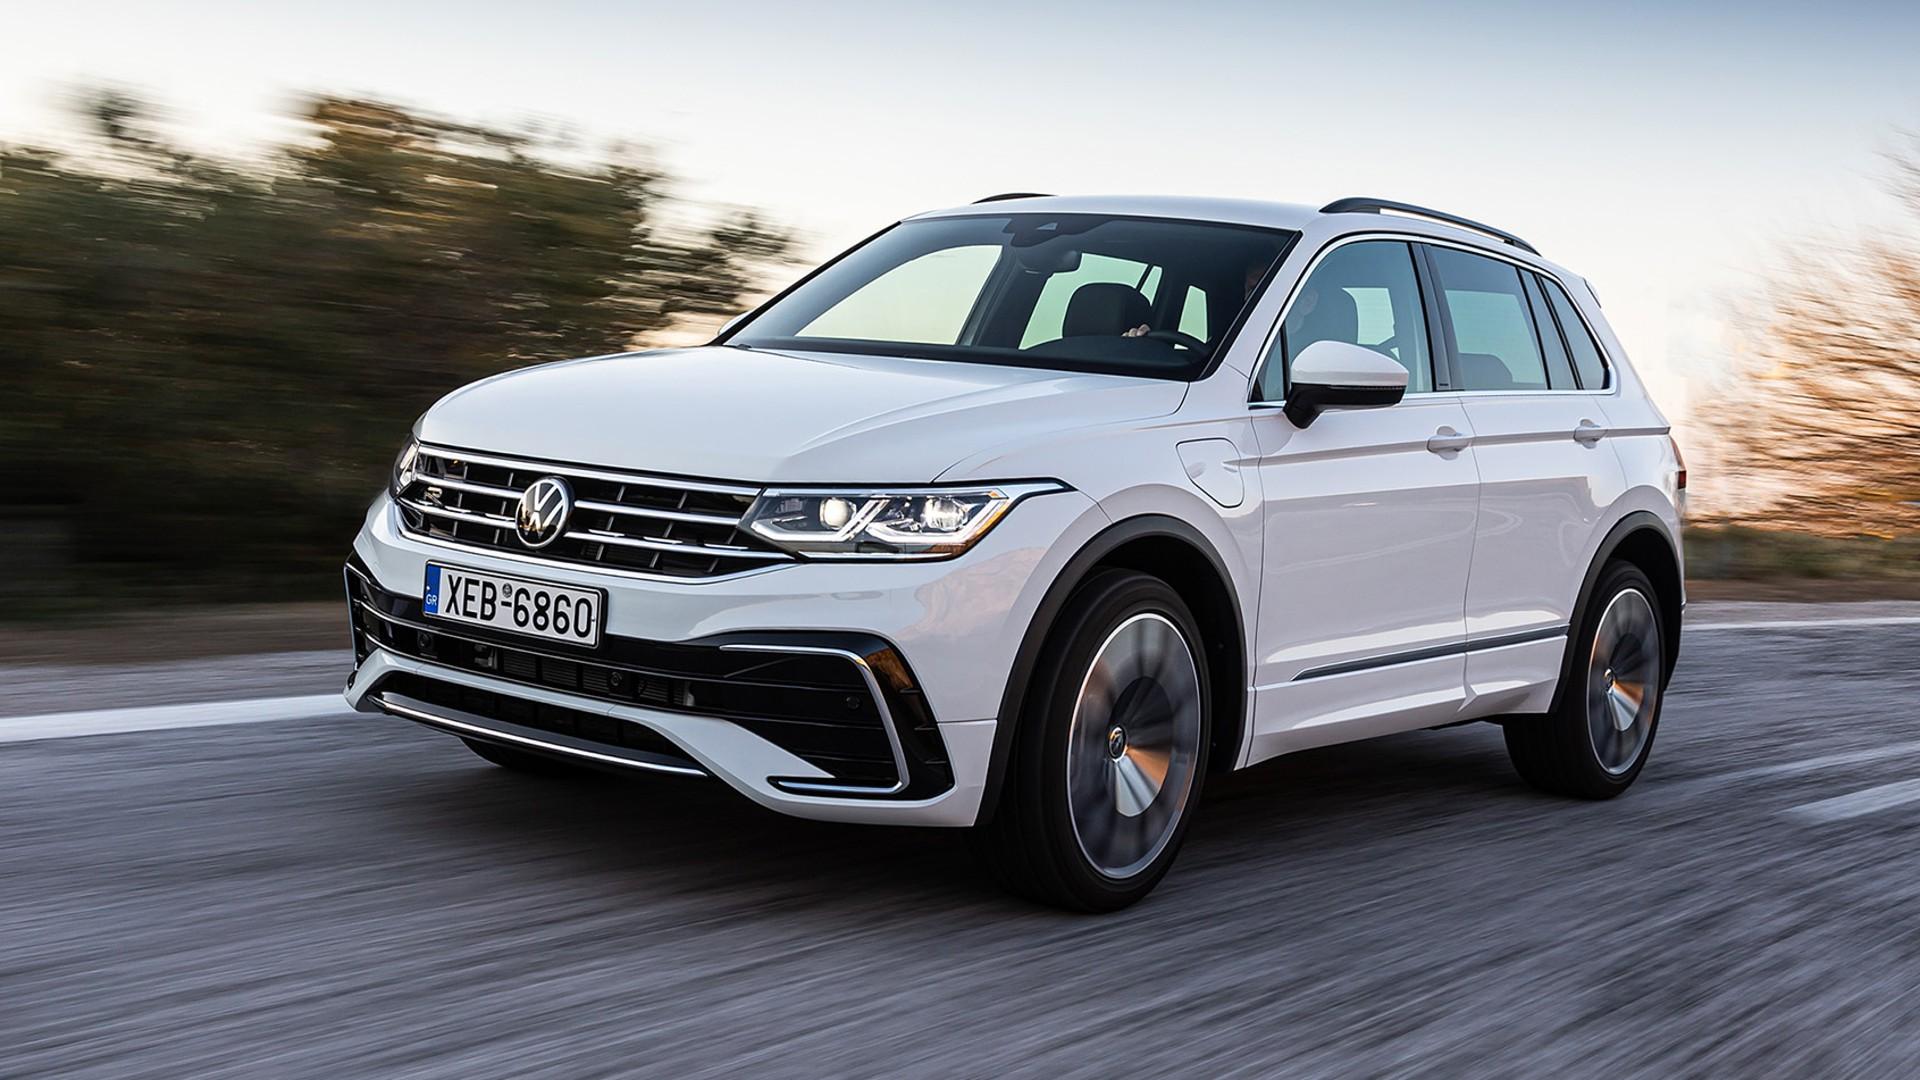 Οι τιμές του ανανεωμένου Volkswagen Tiguan για την ελληνική αγορά (pics)